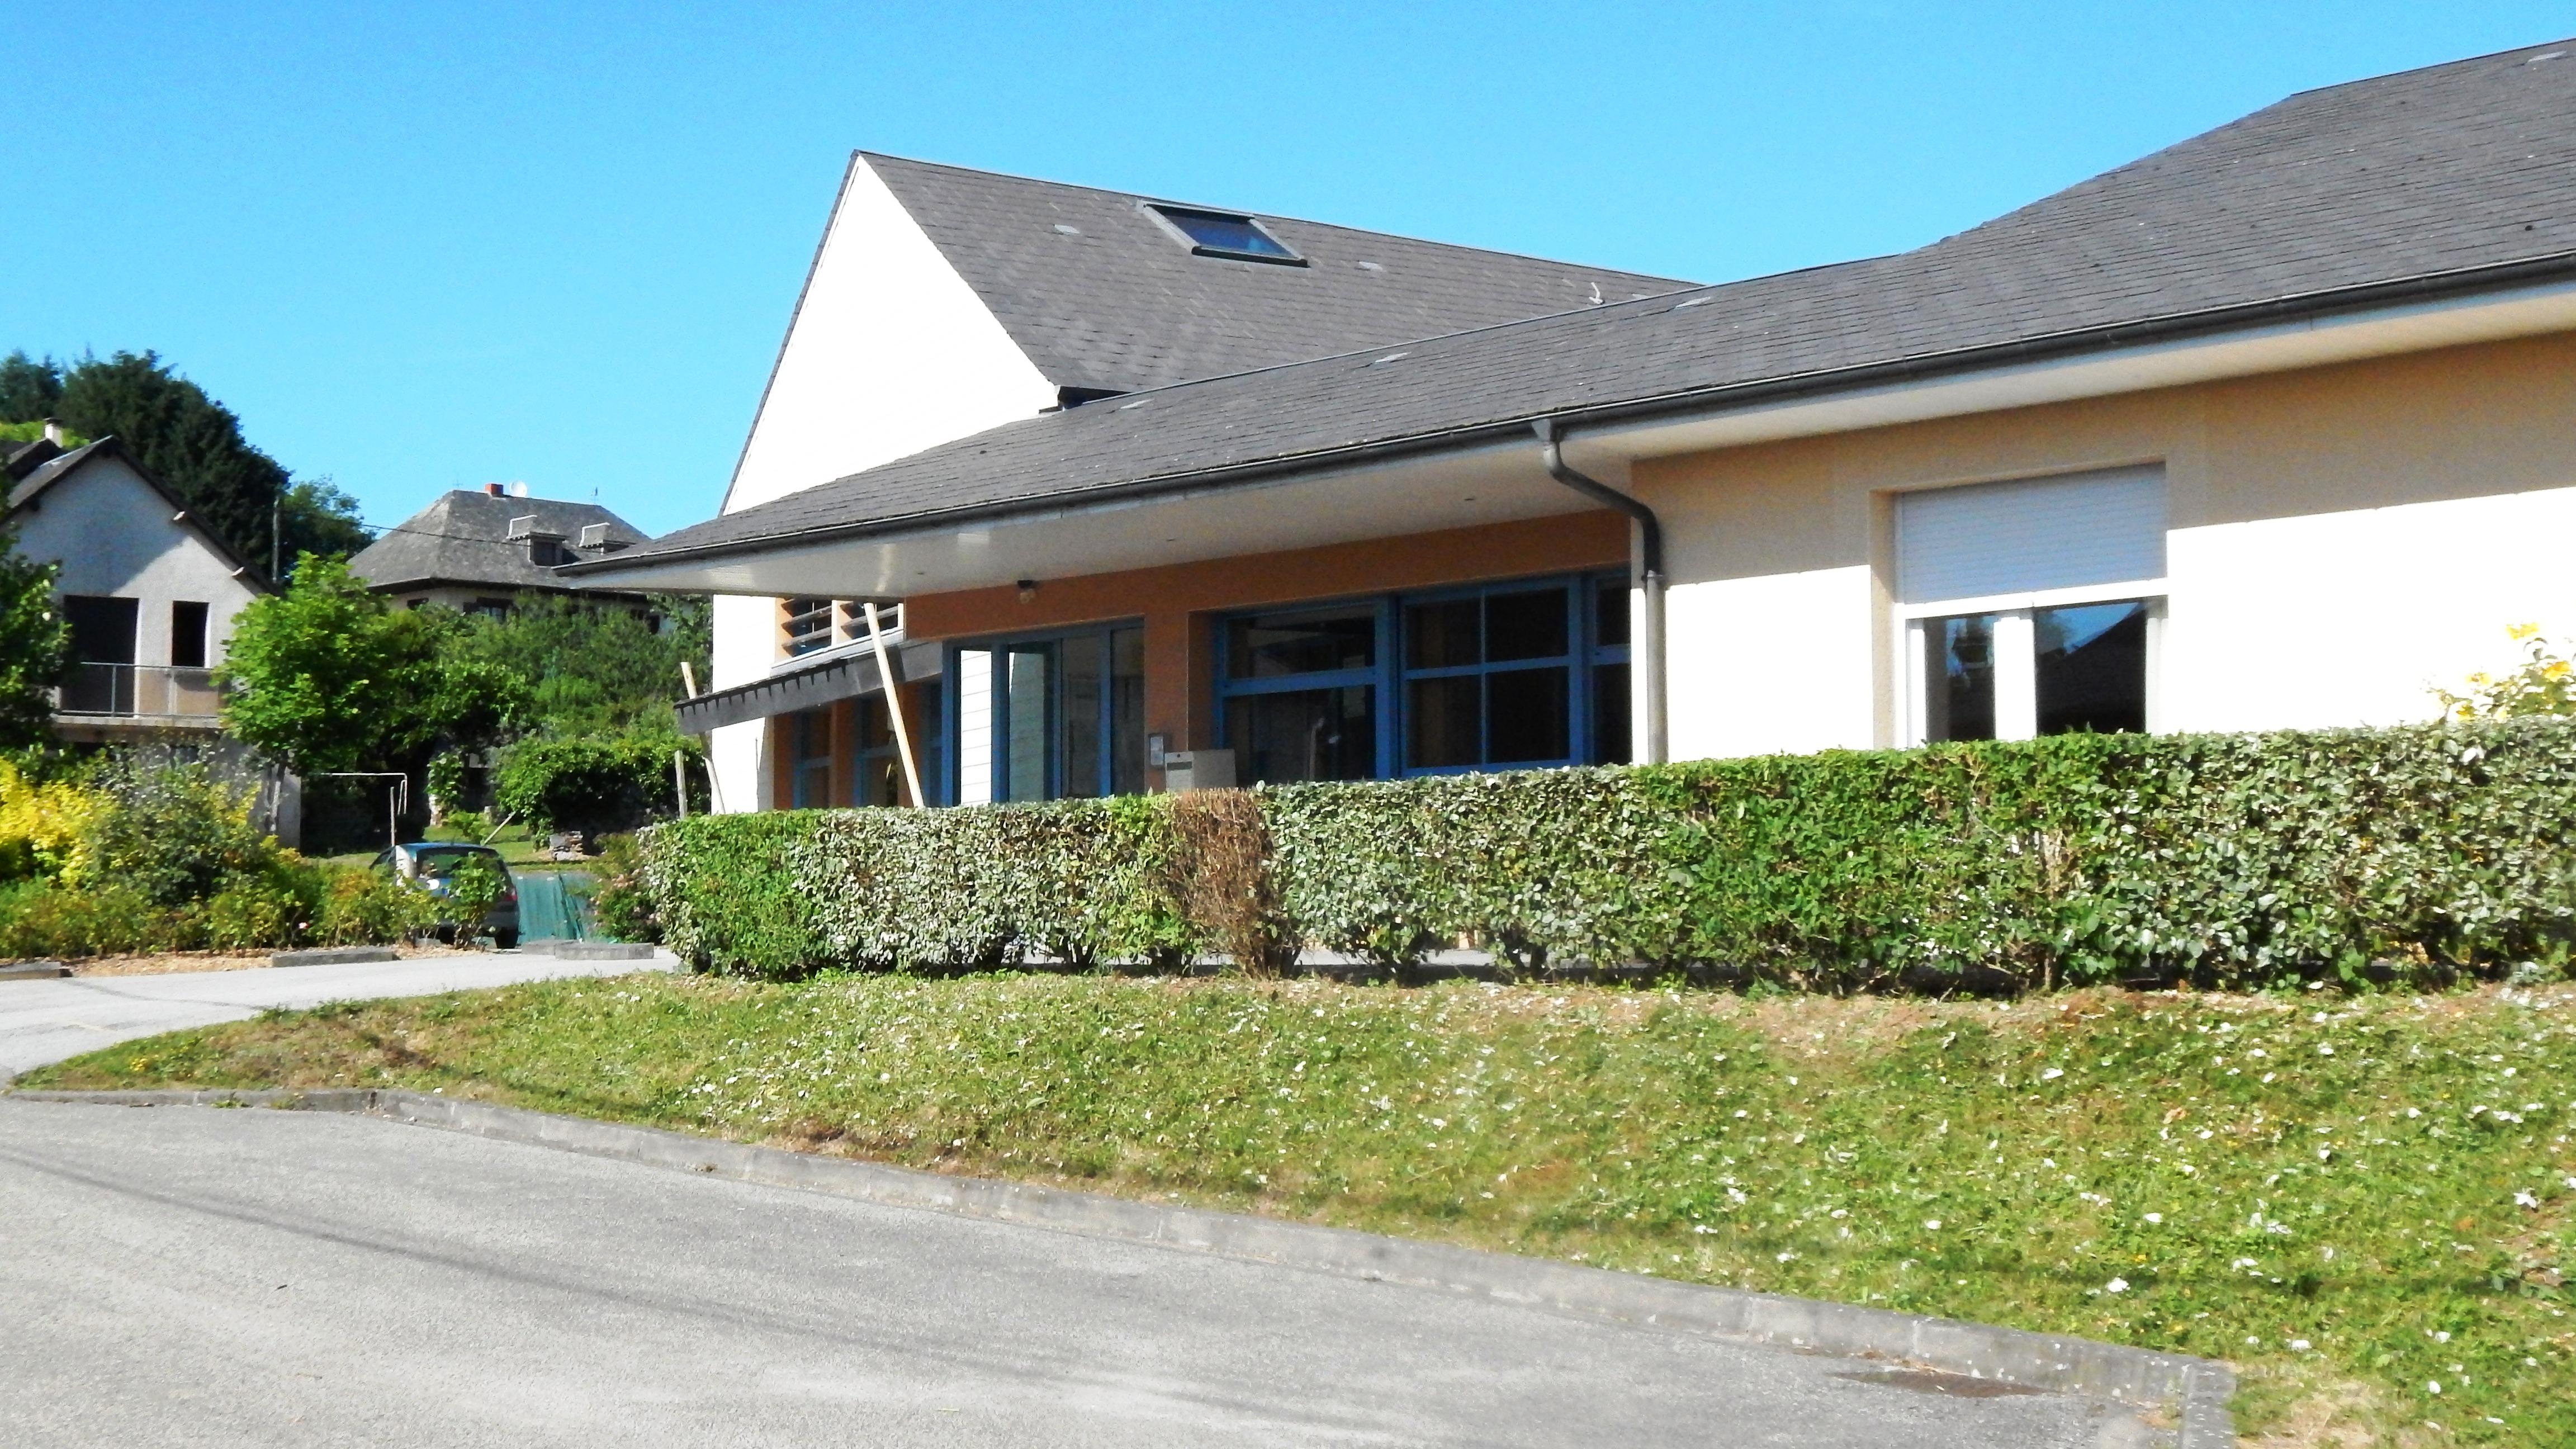 La maison de retraite commune de lagrauli re en corr ze for Accueil temporaire en maison de retraite